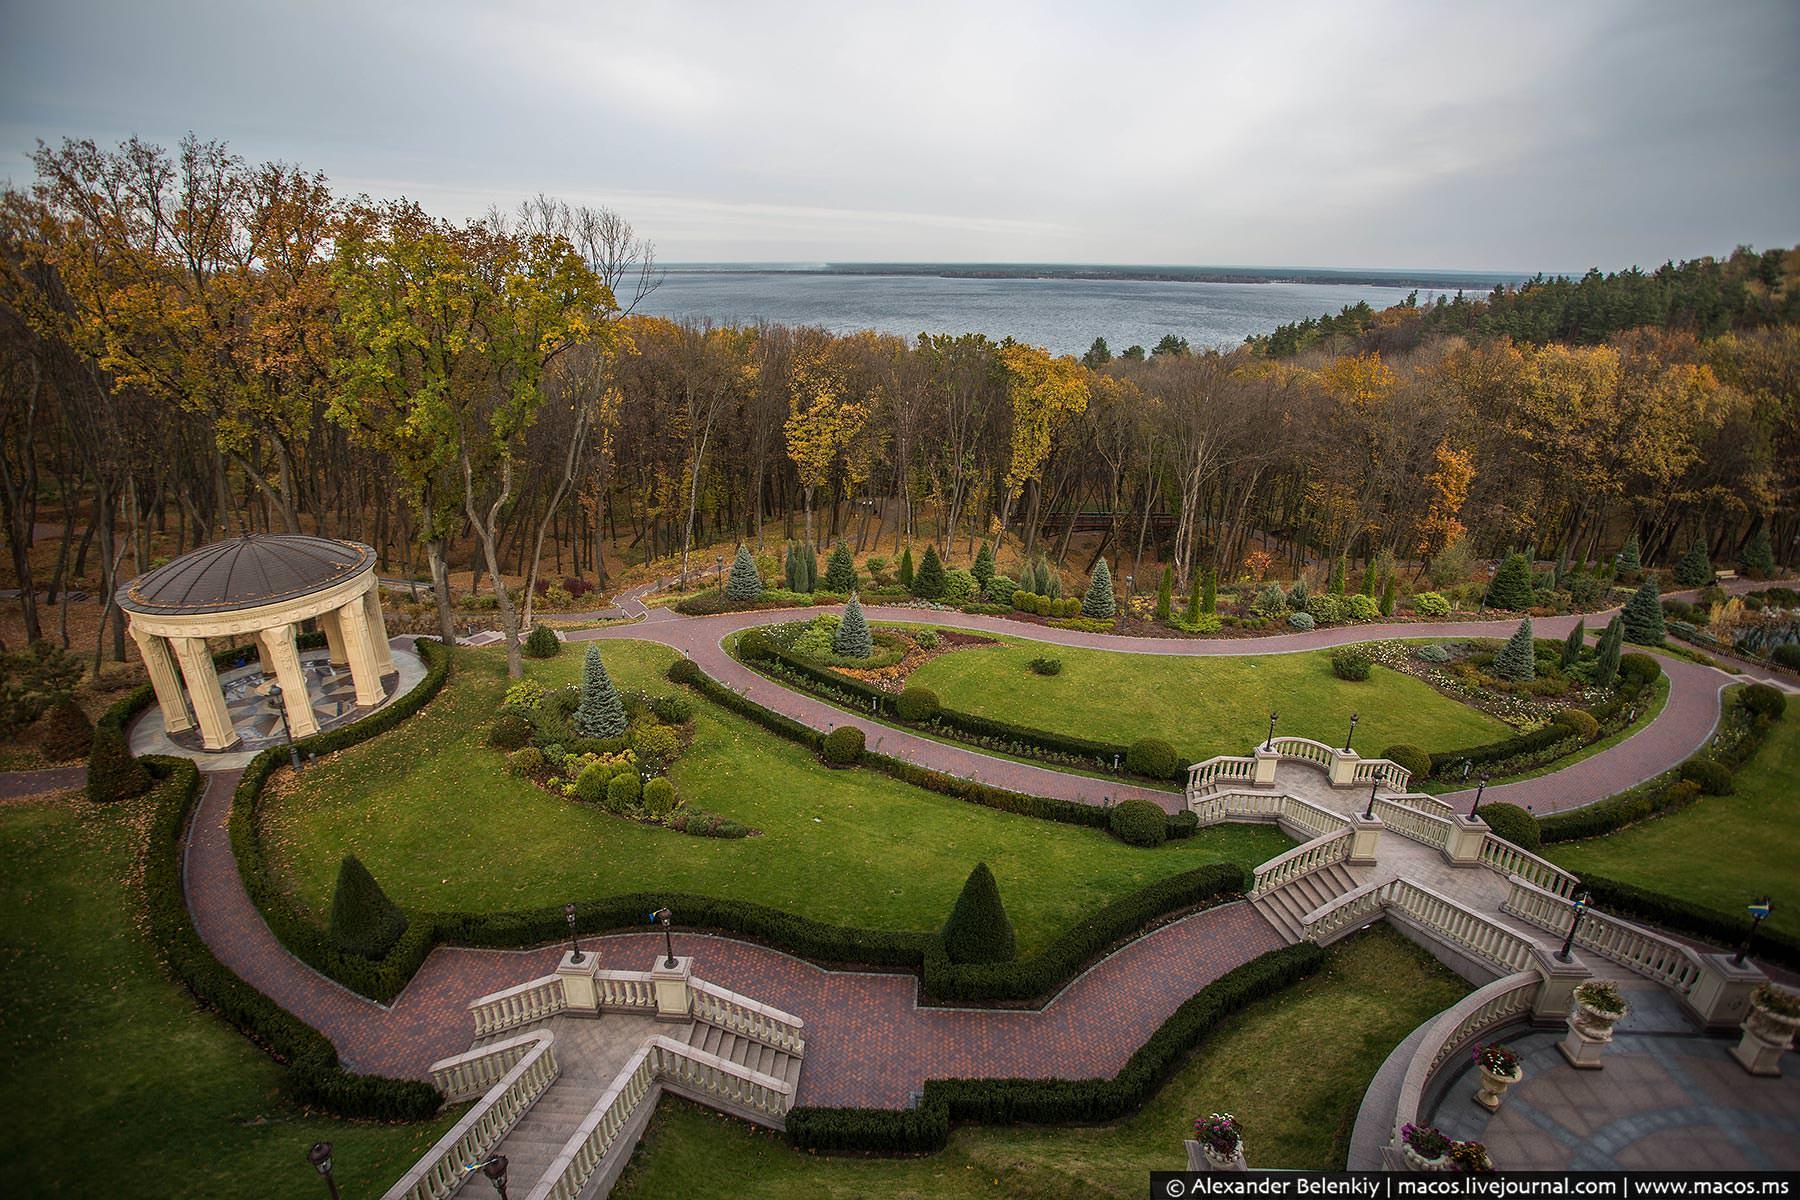 http://www.pravda-tv.ru/wp-content/uploads/2014/11/LR2014.10-UA-Residence-42.jpg